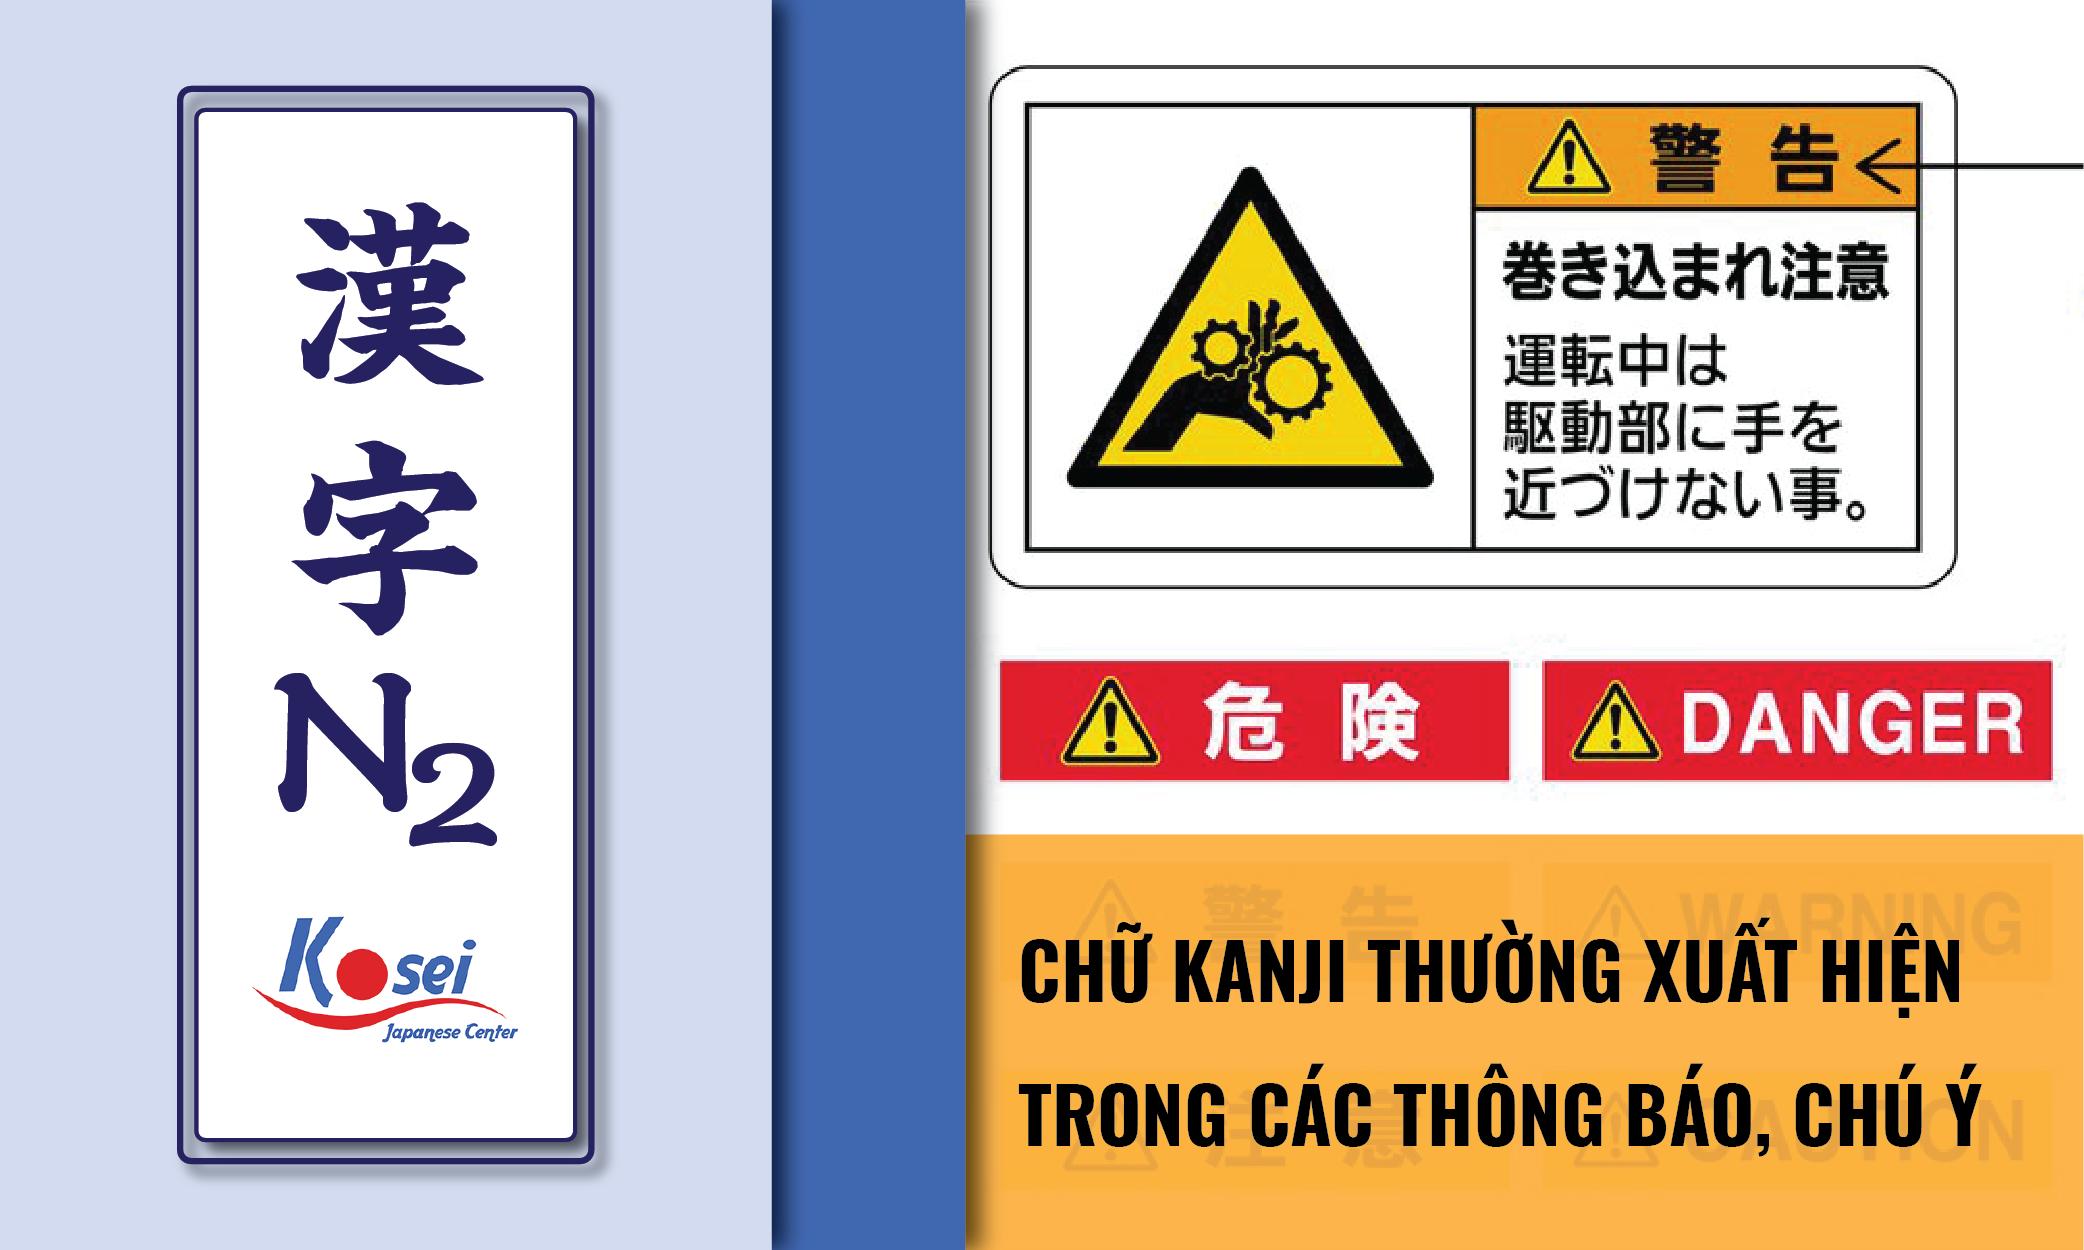 các kanji thường xuất hiện trong các thông báo chú ý